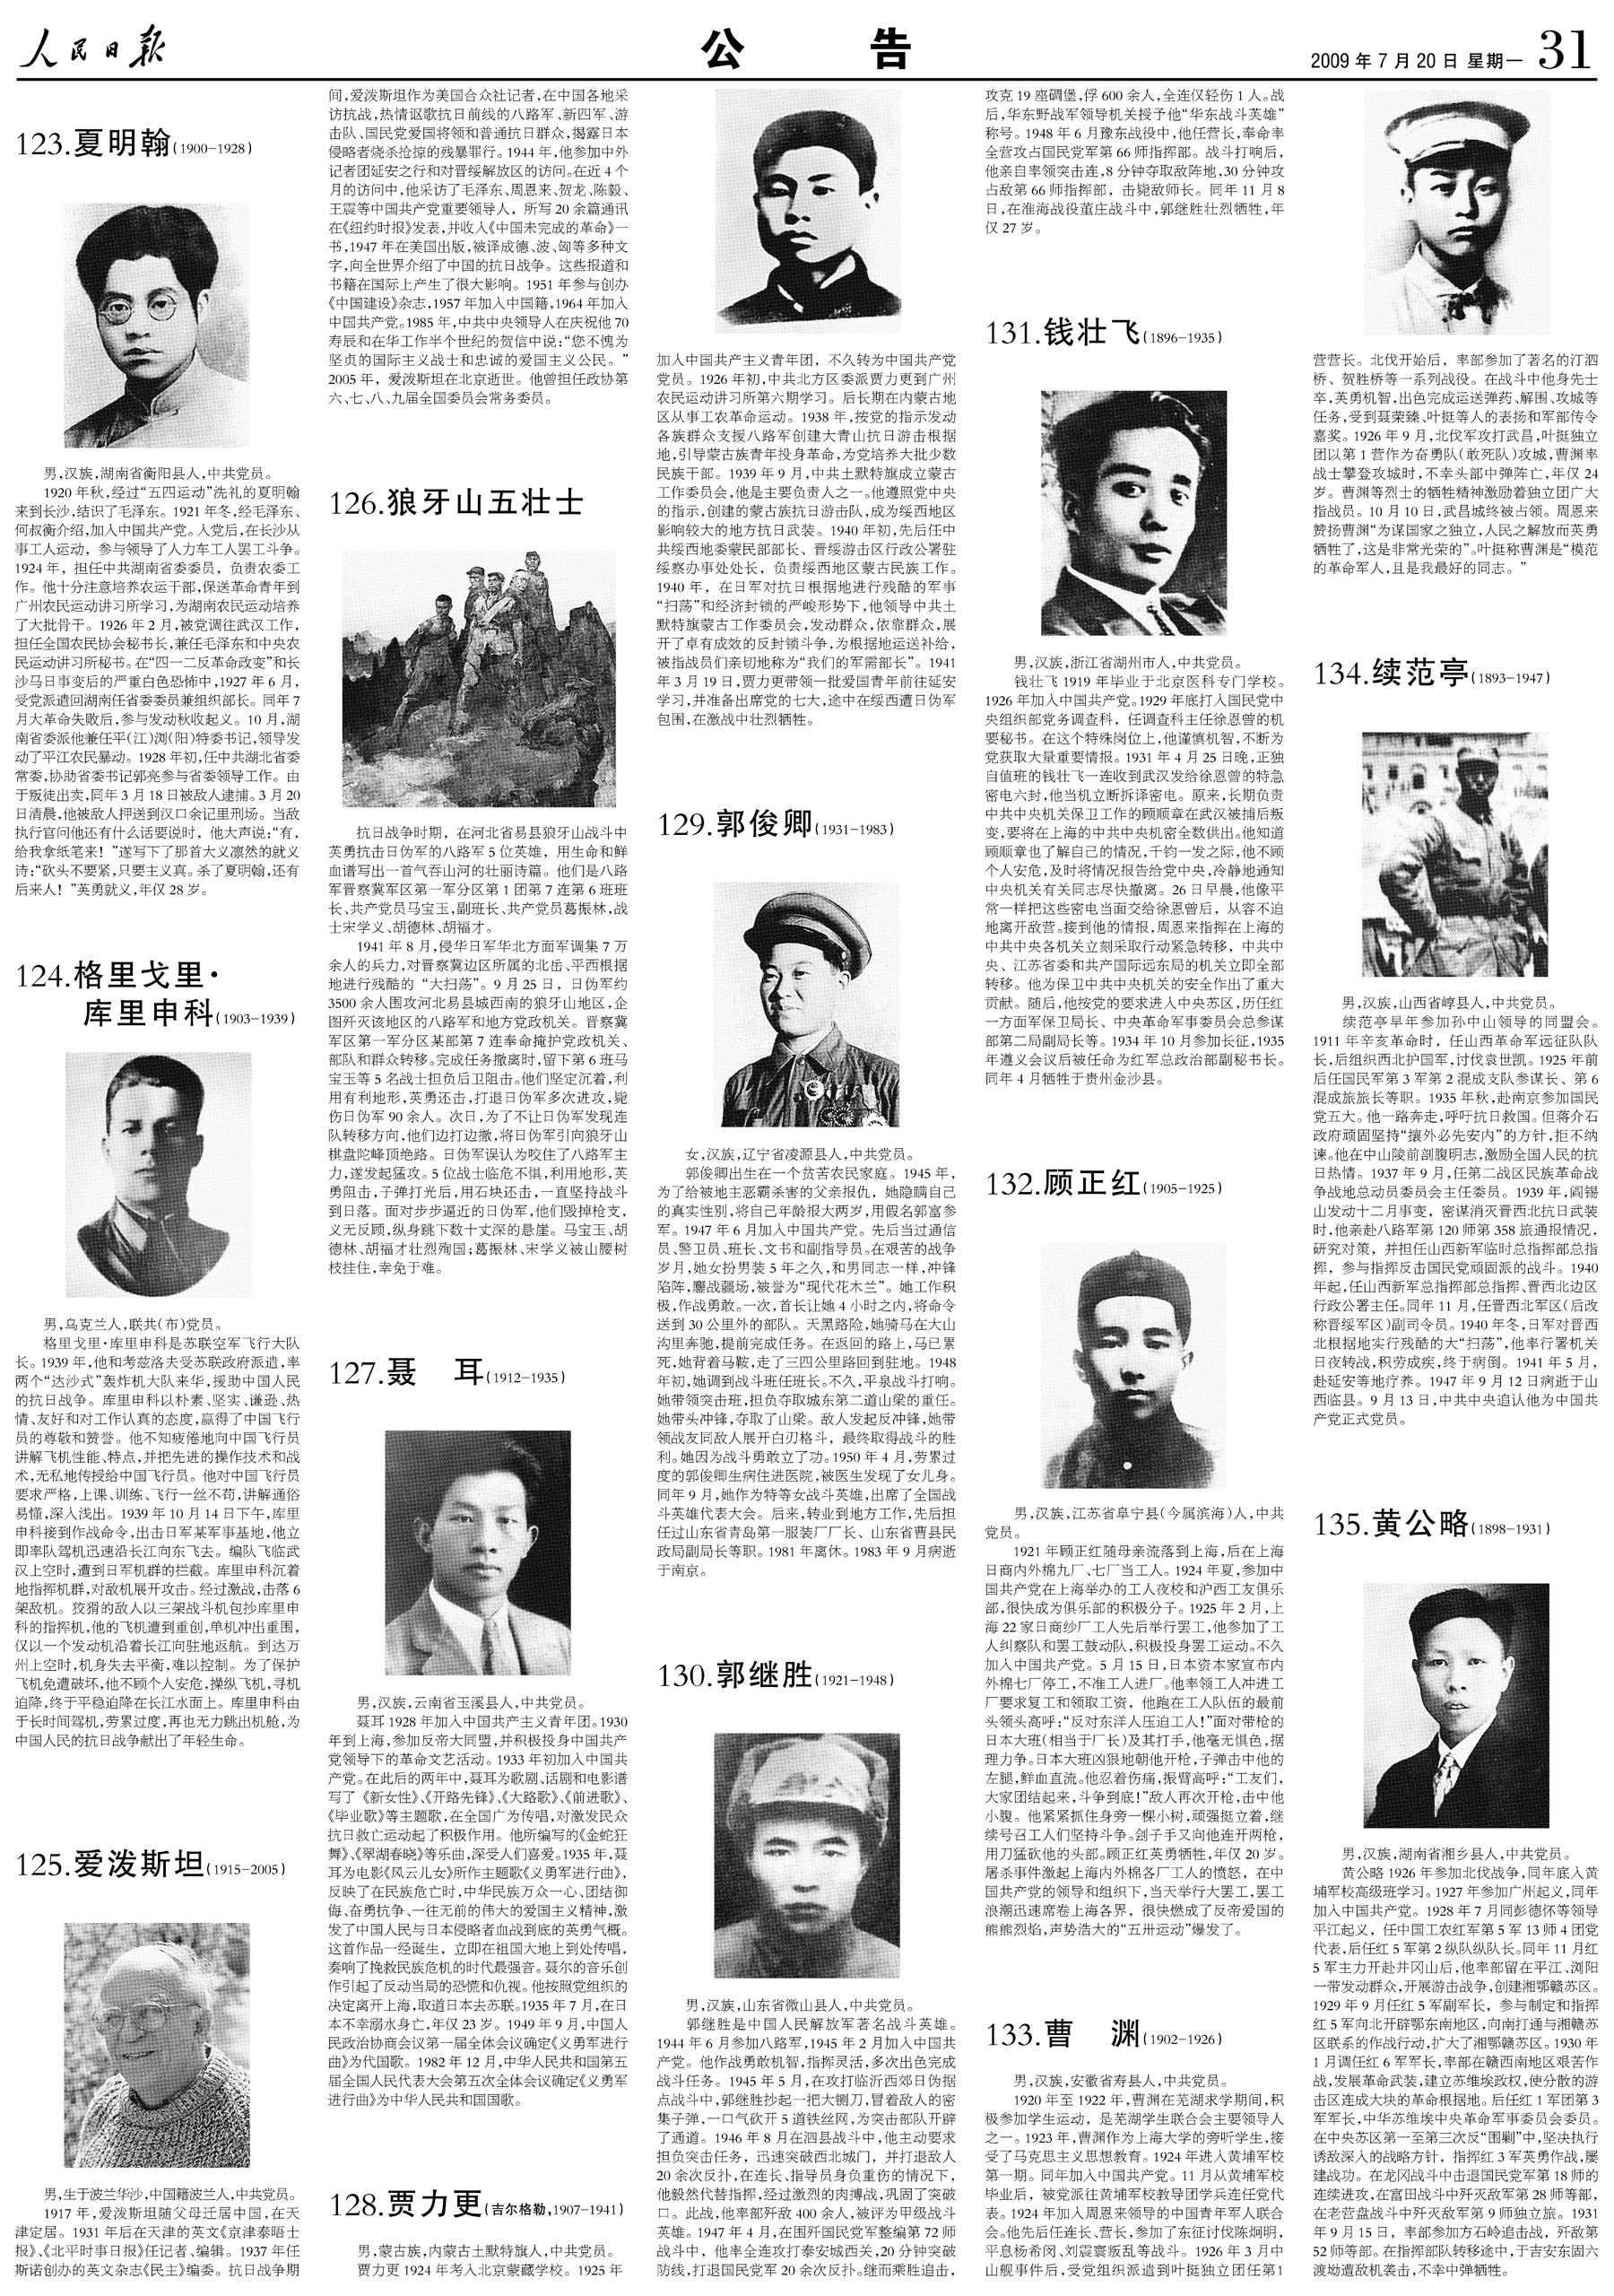 感动中国十大人物_100位为新中国成立作出突出贡献的英雄模范人物和 100位新中国 ...